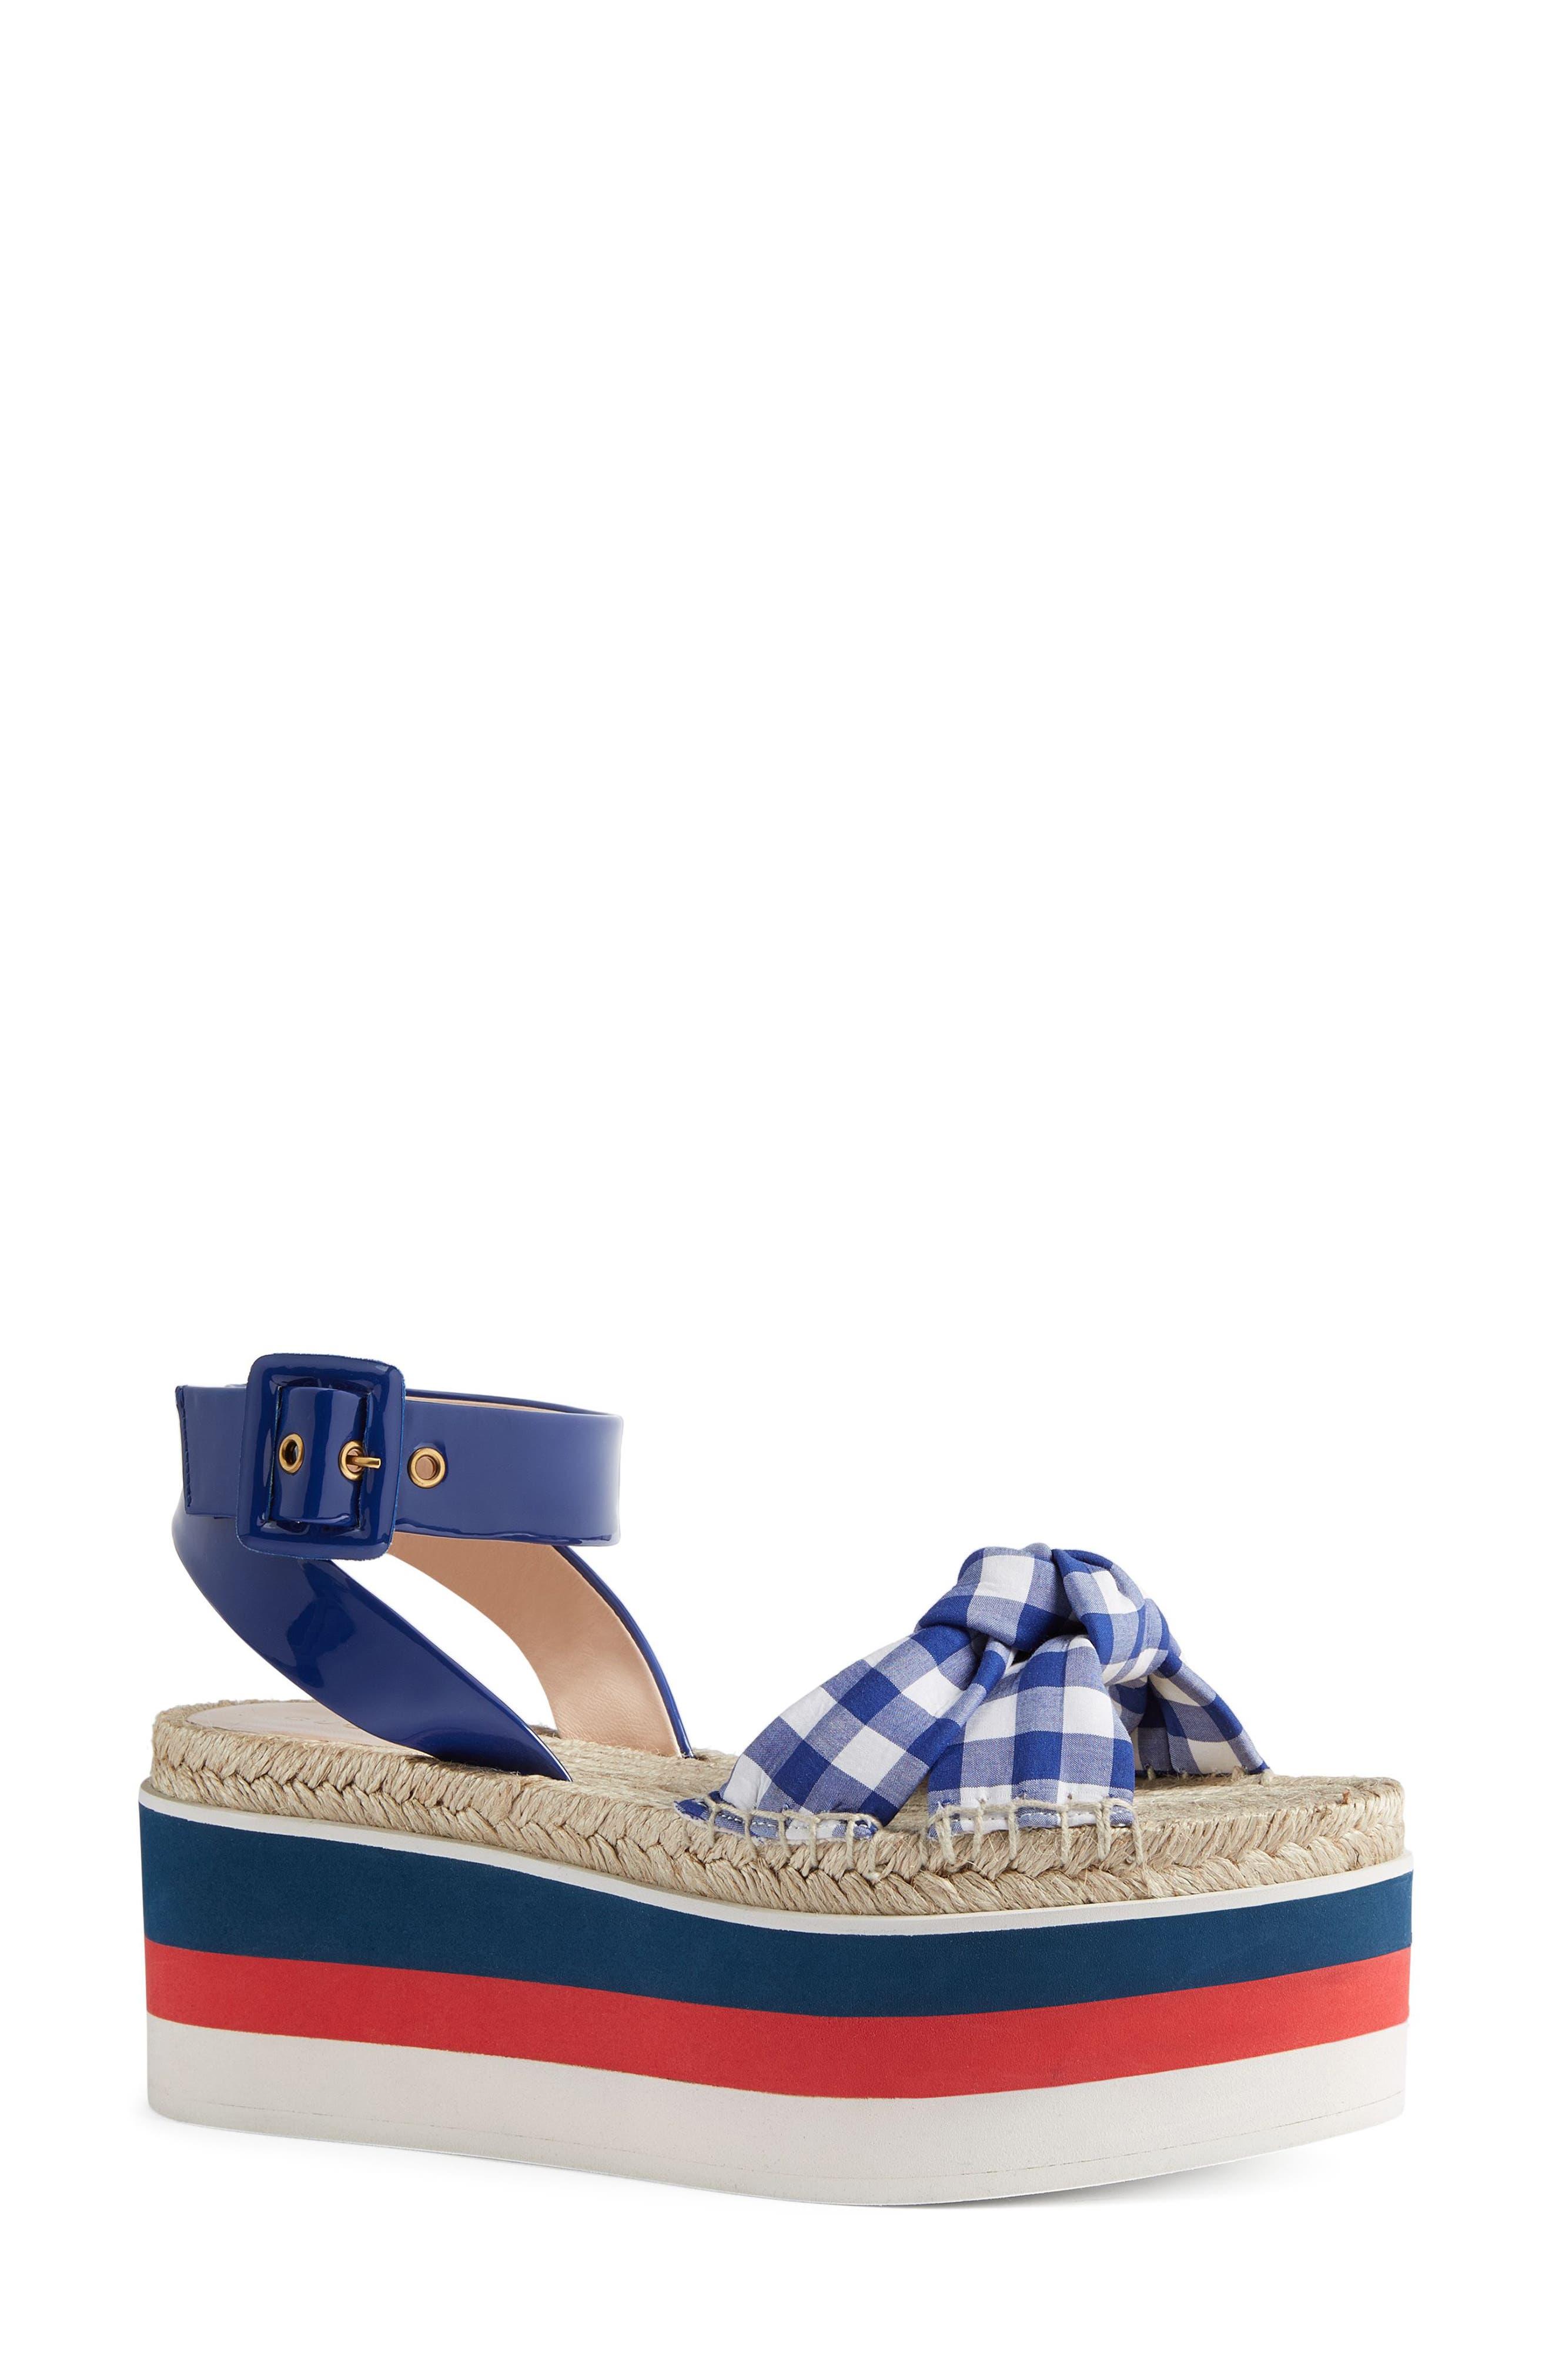 Gucci Sefir Flatform Sandal (Women)